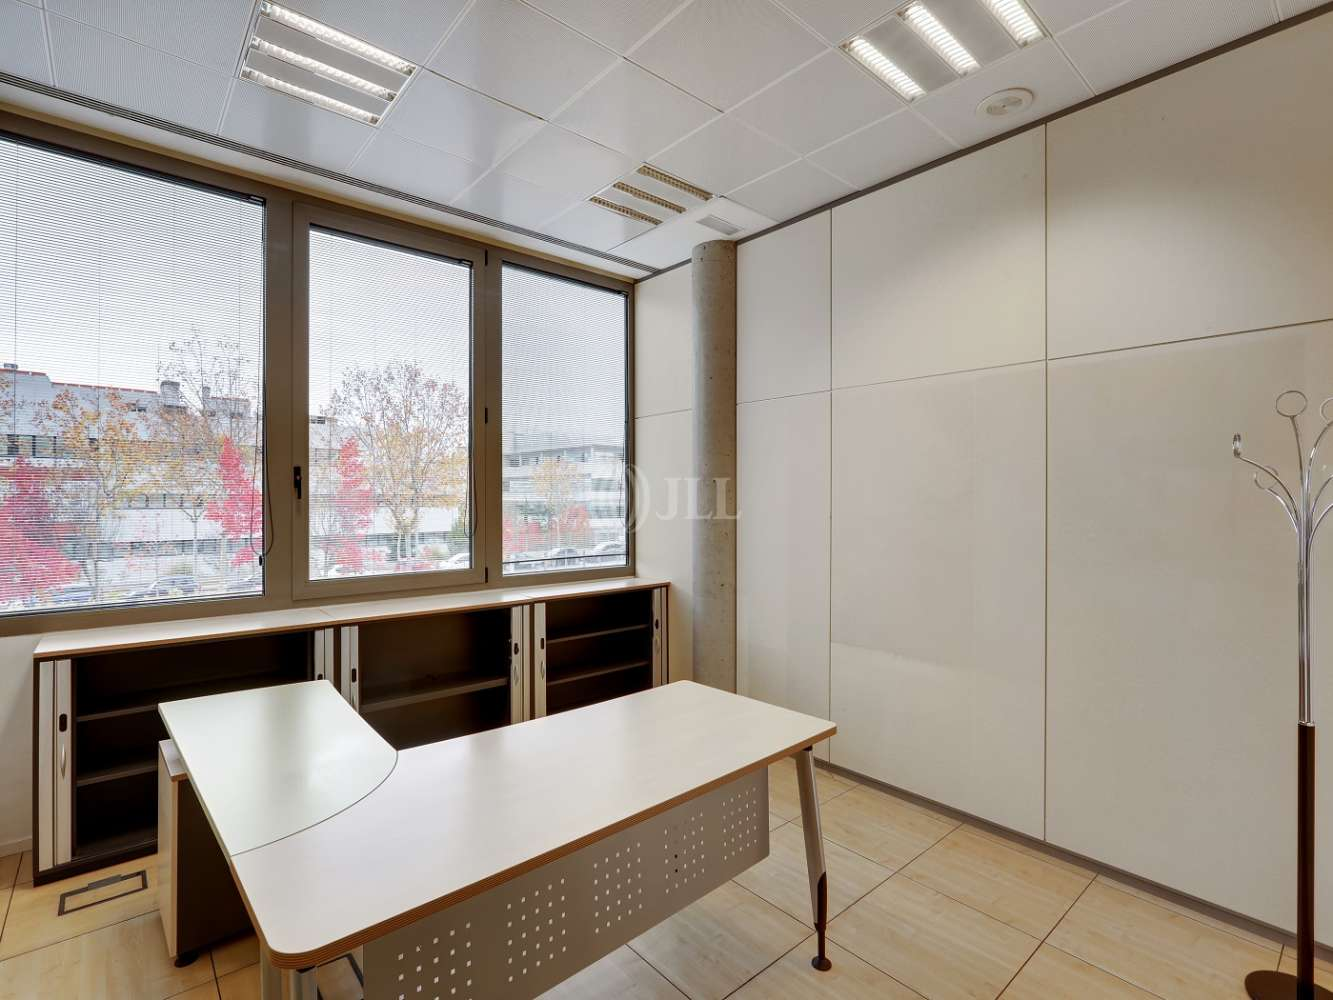 Oficina Las rozas de madrid, 28232 - Edificio 1 - 23181